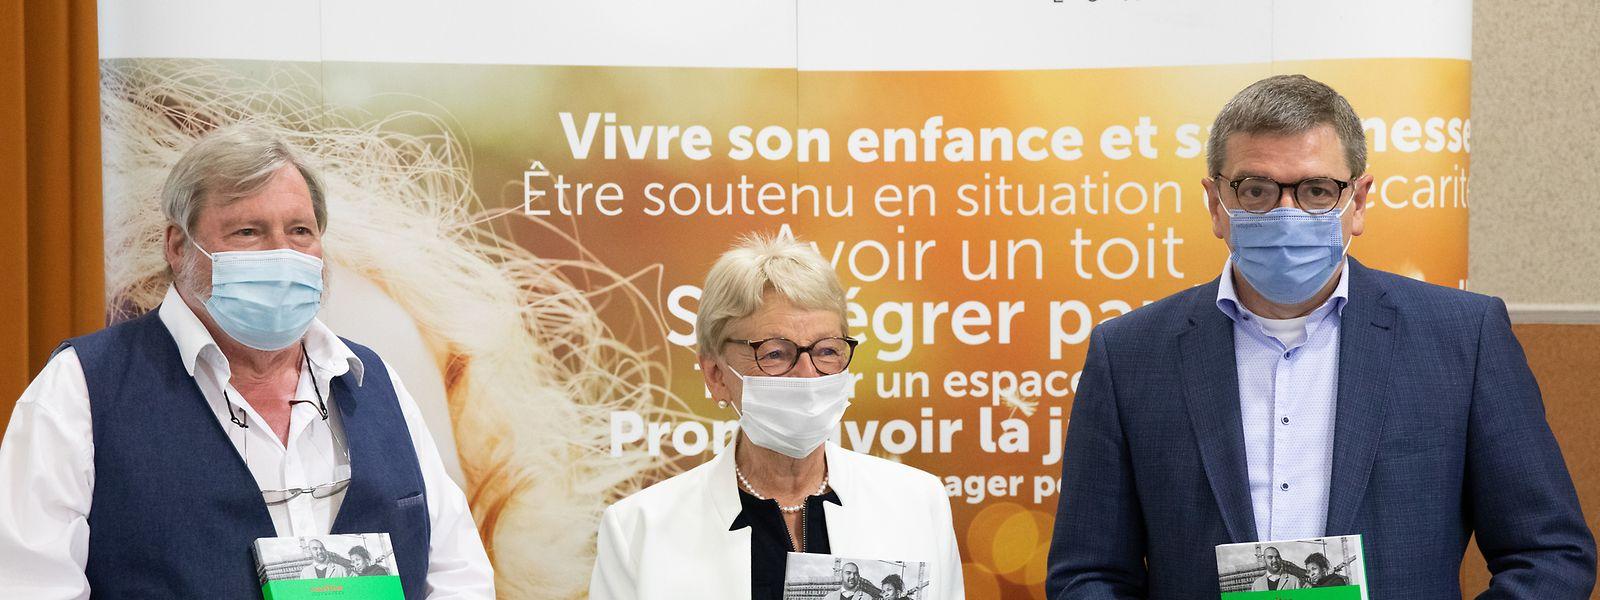 Robert Urbé, Präsidentin Marie-Josée Jacobs und Generaldirektor Marc Crochet präsentierten am Mittwoch die neuste Ausgabe des Caritas Sozialalmanachs.